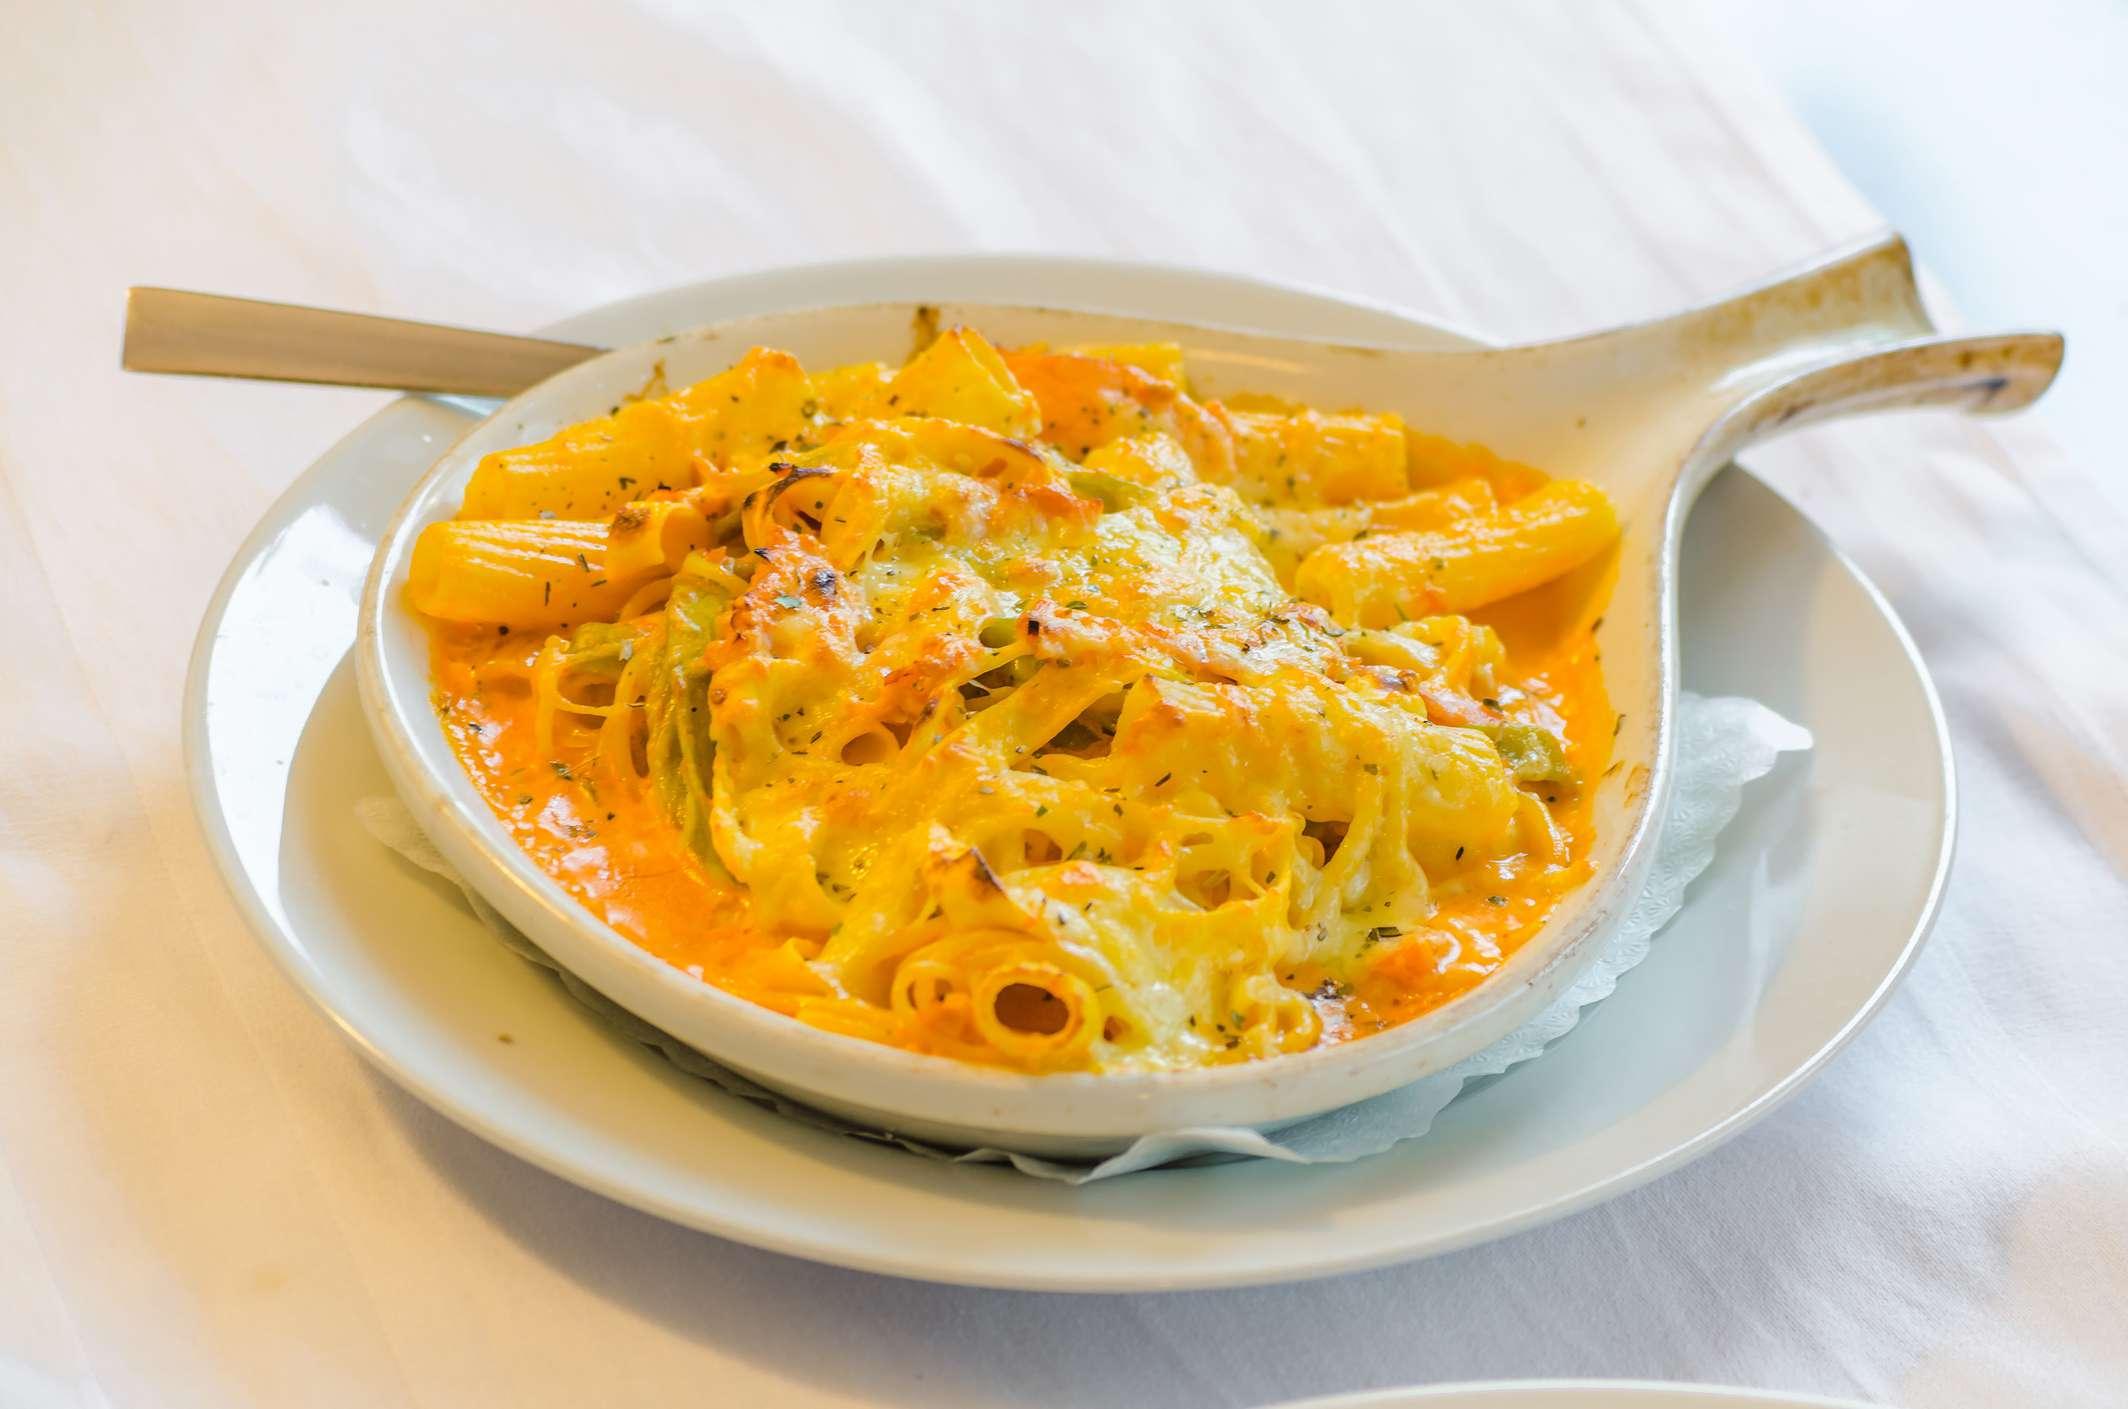 Vegan Gluten-Free Macaroni and Cheese